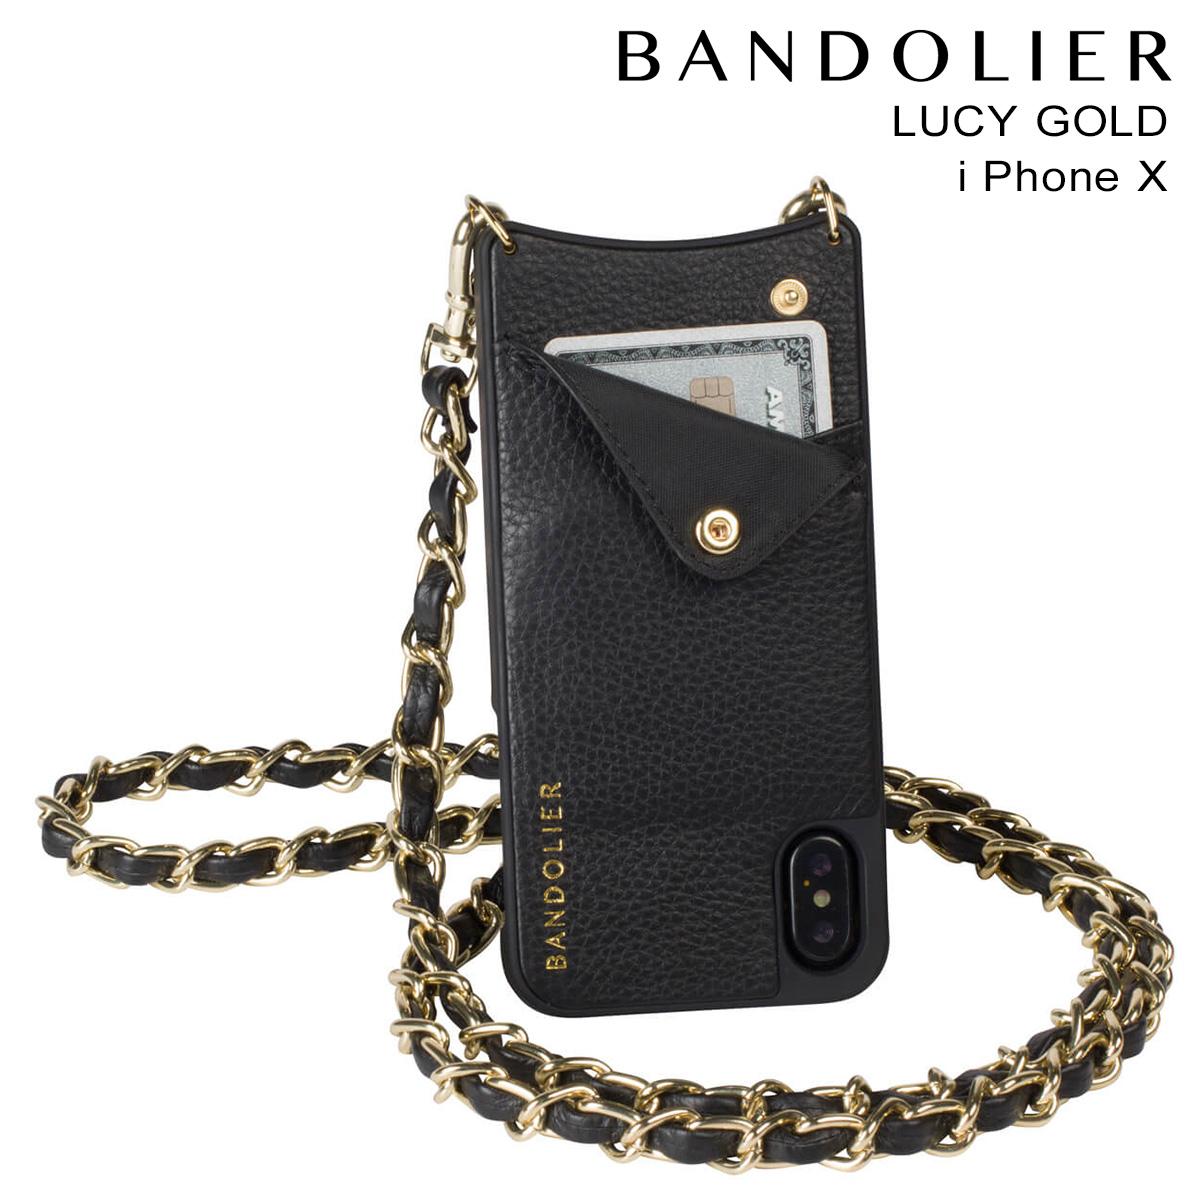 BANDOLIER バンドリヤー iPhoneX ケース スマホ アイフォン LUCY GOLD レザー メンズ レディース [9/14 新入荷]